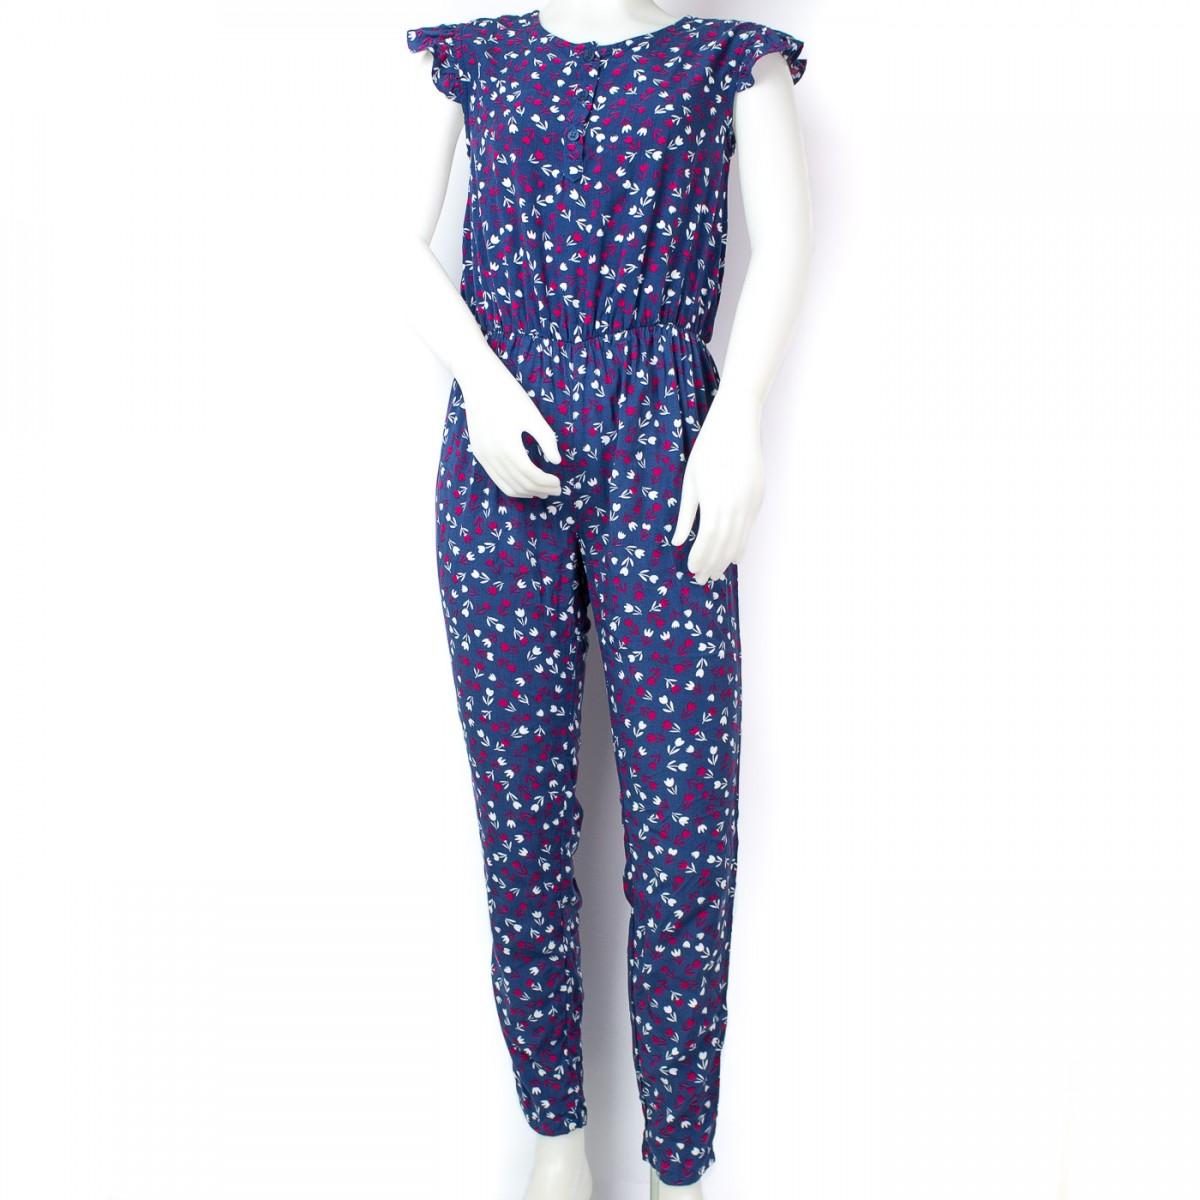 013f96d35f Bizz Store - Macacão Infantil Feminino Hering Kids Verão Azul